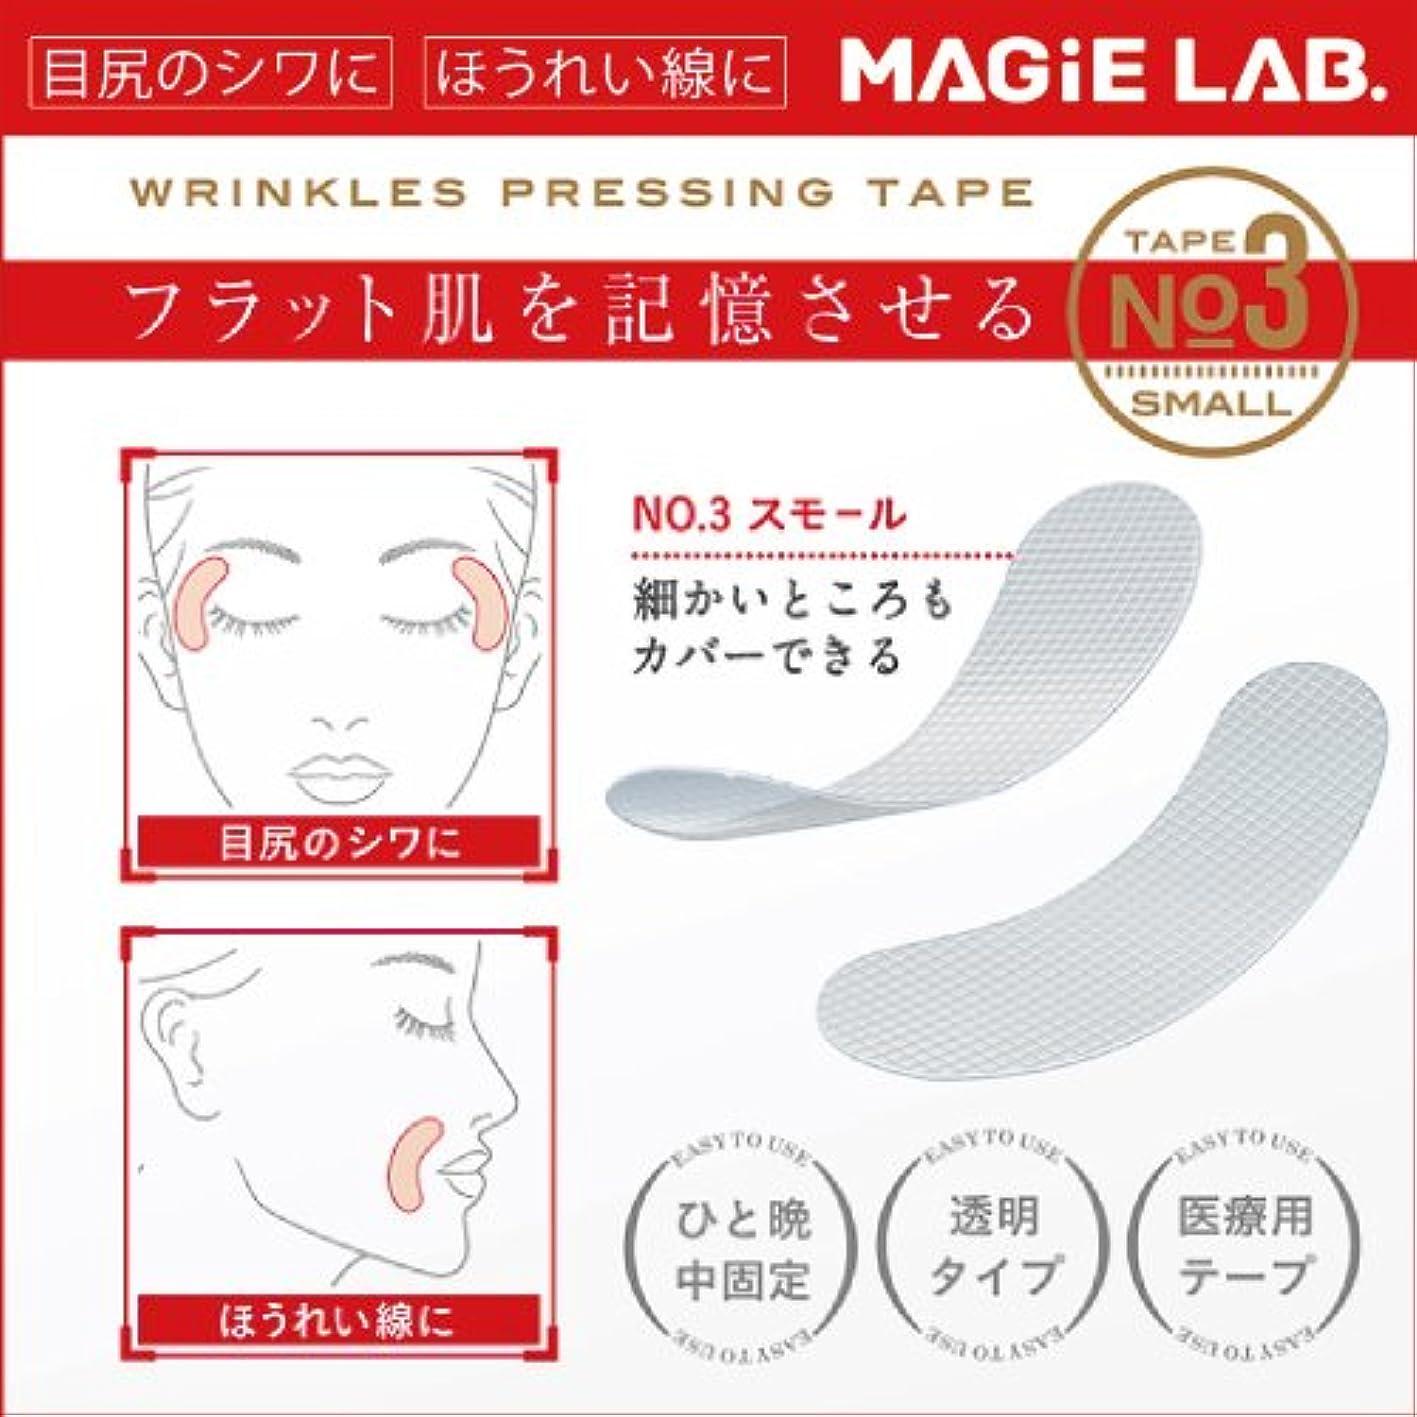 おしゃれじゃない欠かせない一見MAGiE LAB.(マジラボ) 細かいところもカバー お休み中のしわ伸ばしテープ No.3スモールタイプ MG22117